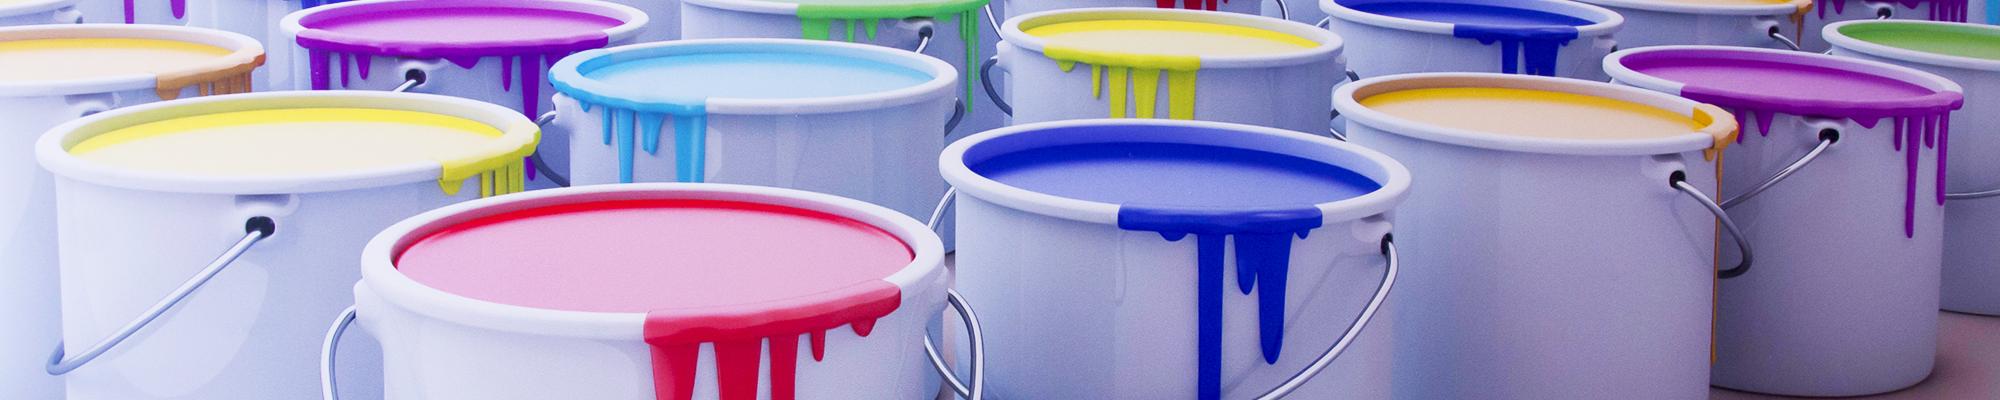 Attiva colori boero fabiosarno fabio sarno - Boero colori ...